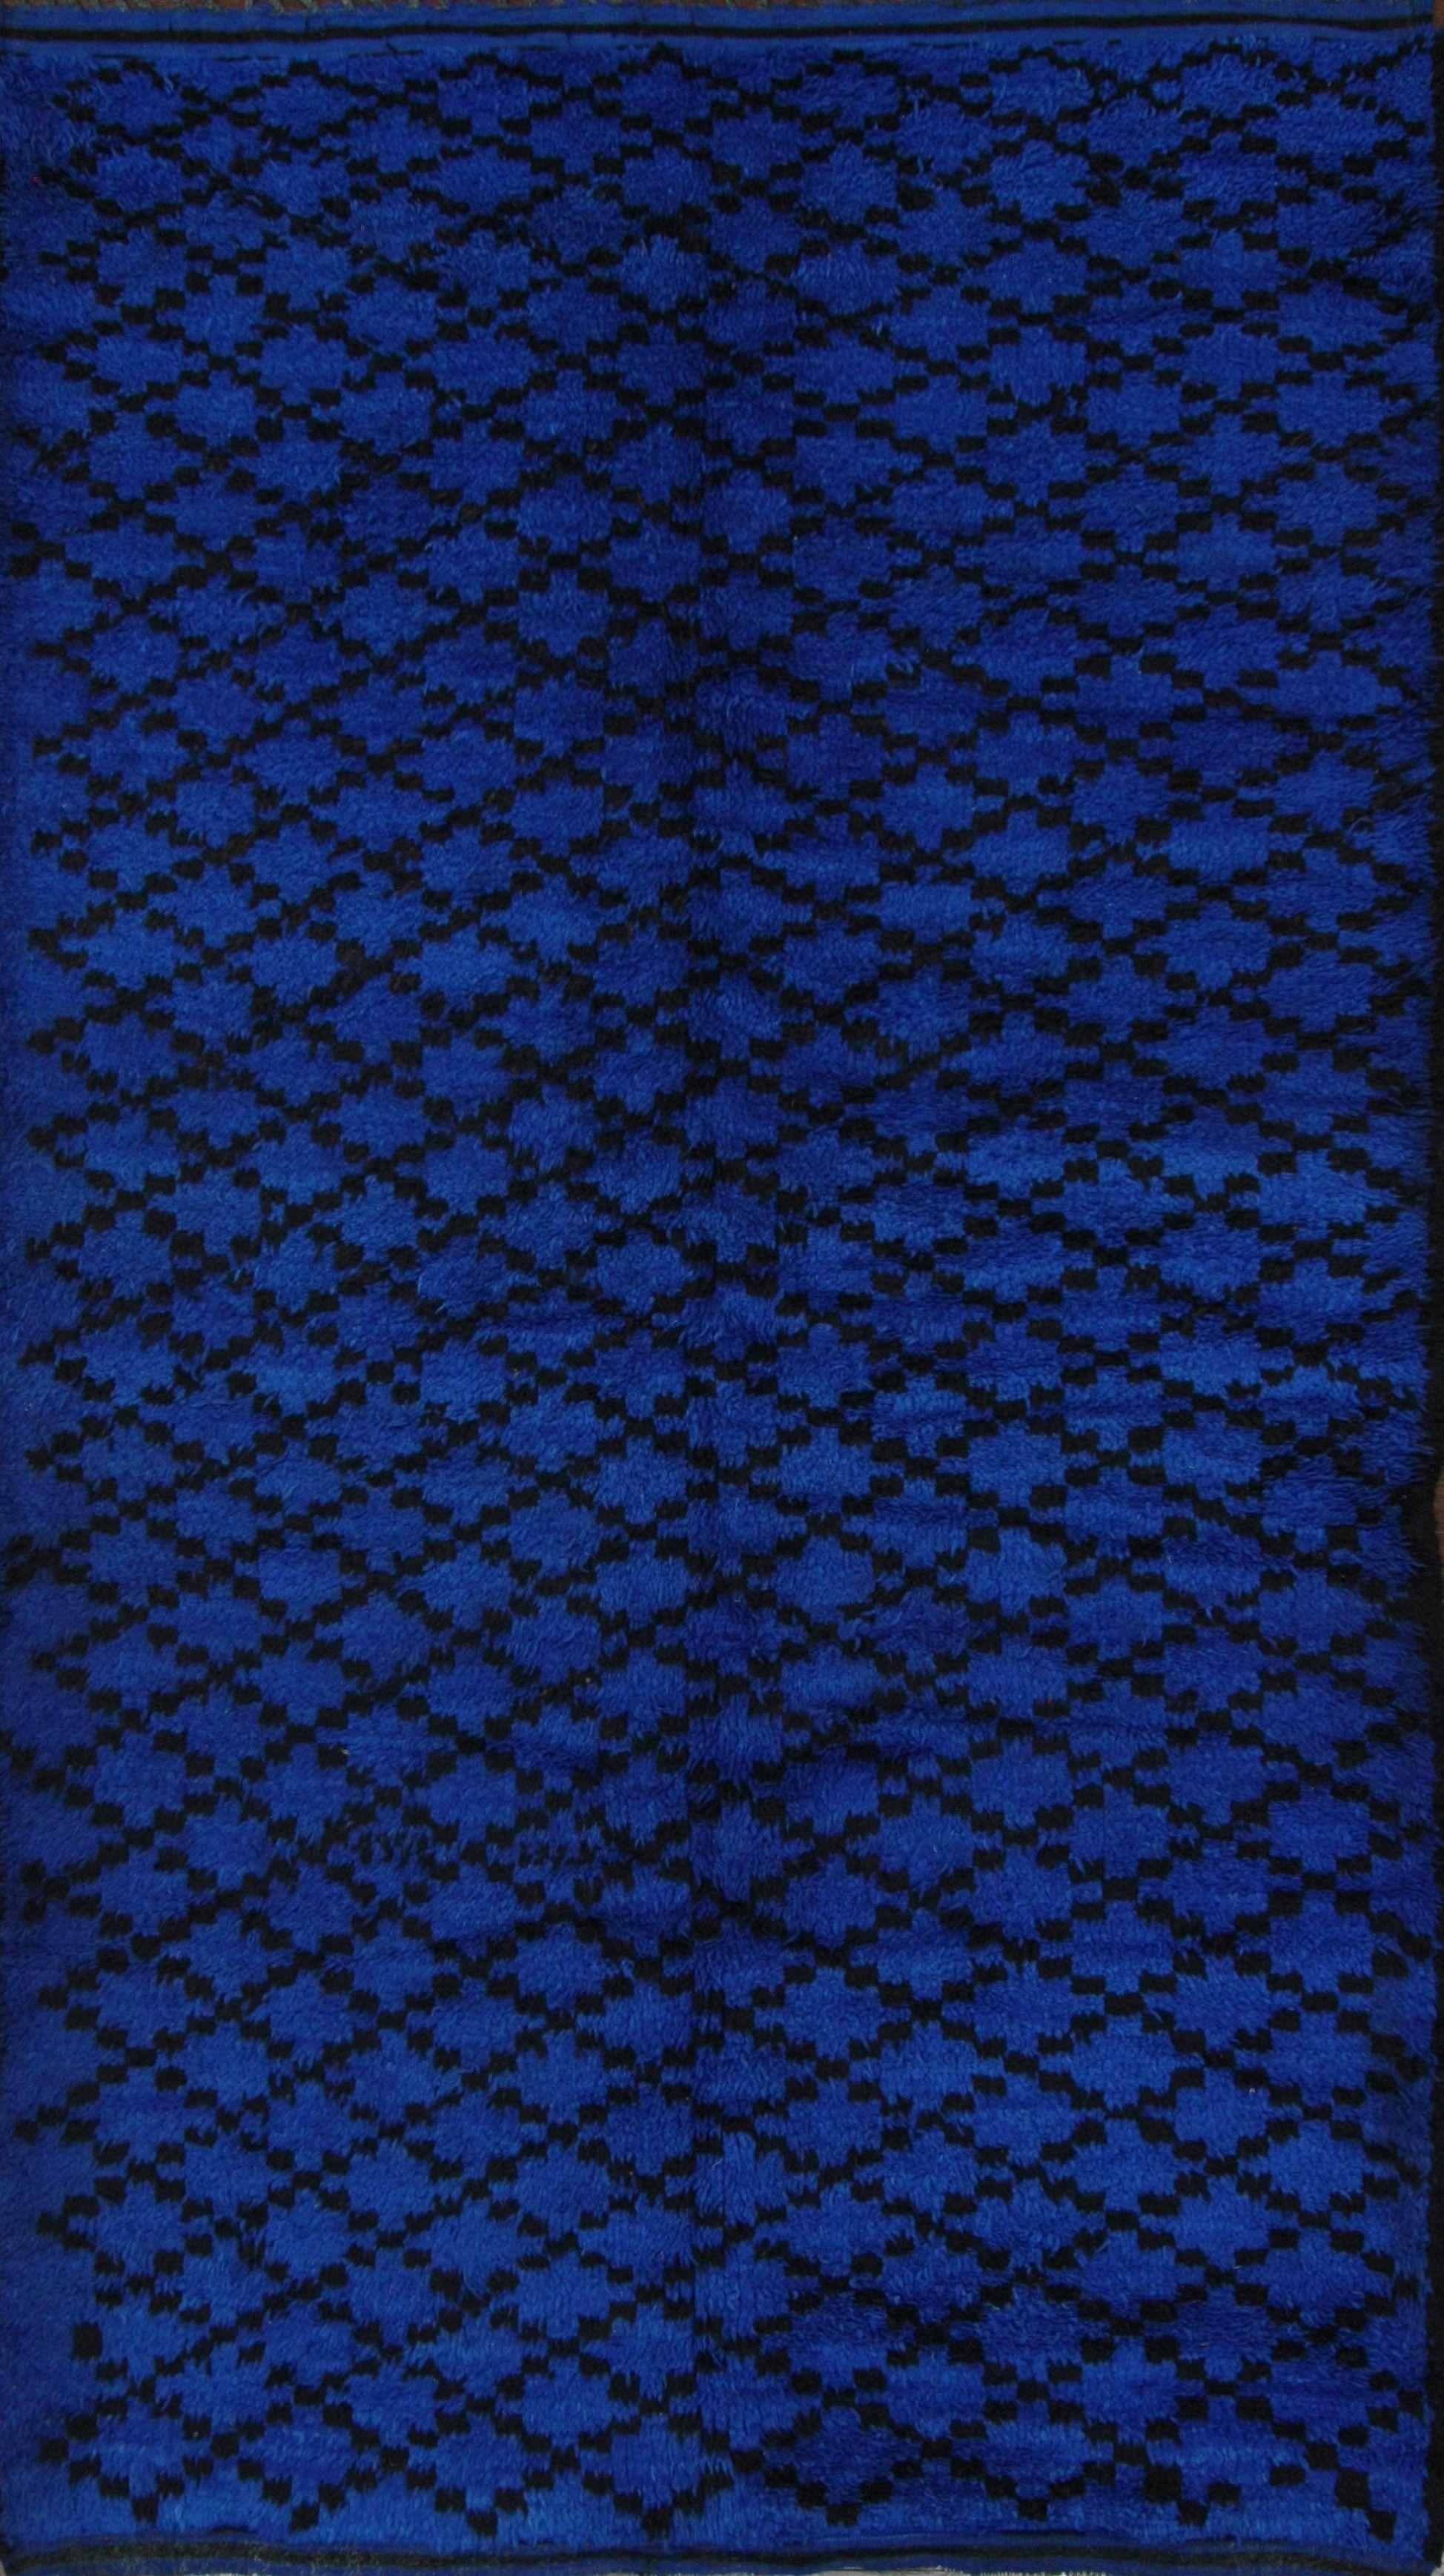 Nuloom Rugs Cobalt Blue Overdyed Rug